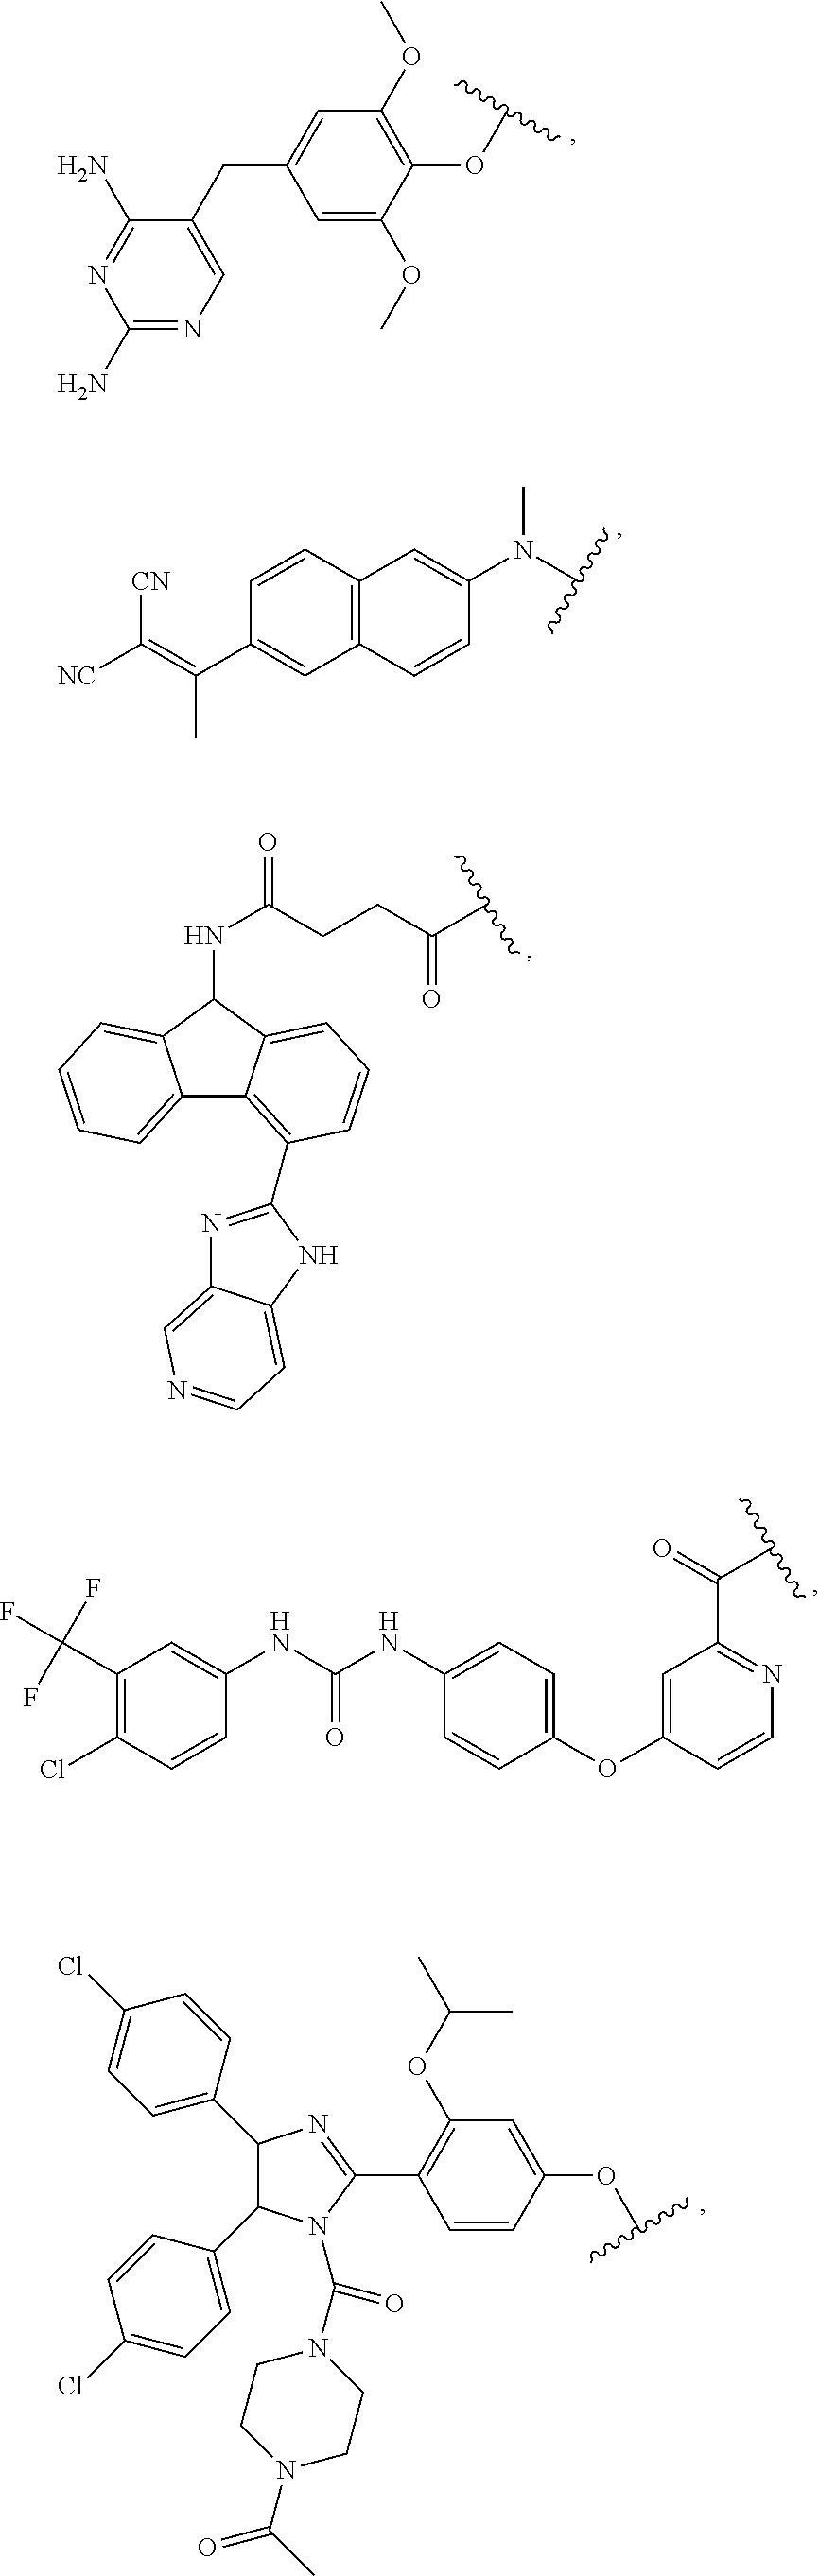 Figure US09809603-20171107-C00020